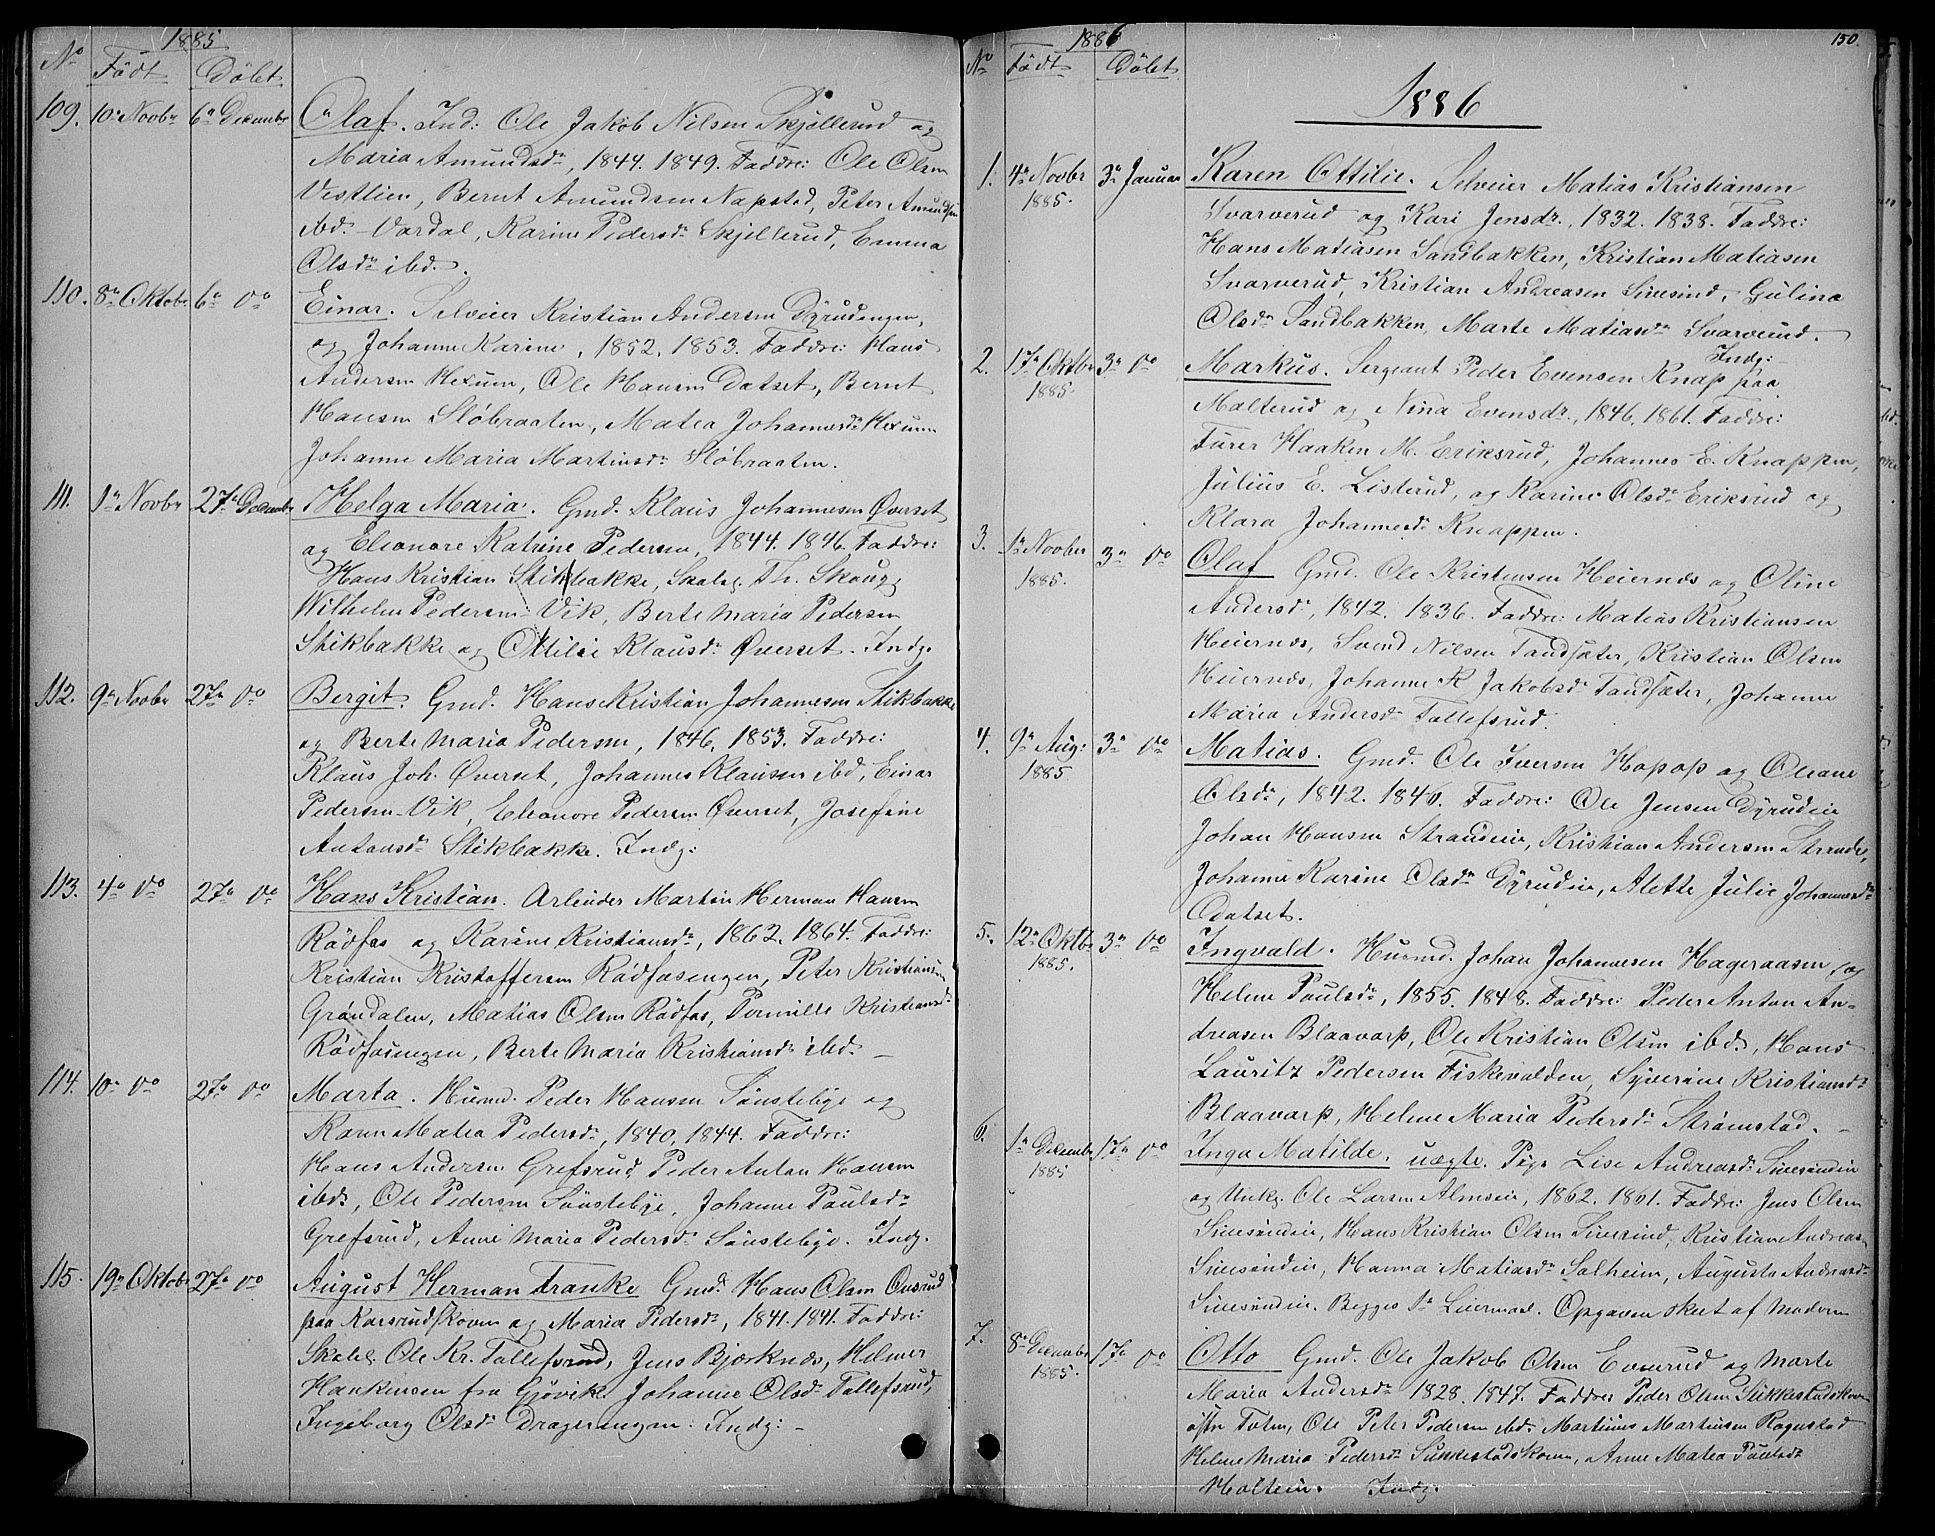 SAH, Vestre Toten prestekontor, H/Ha/Hab/L0006: Klokkerbok nr. 6, 1870-1887, s. 150